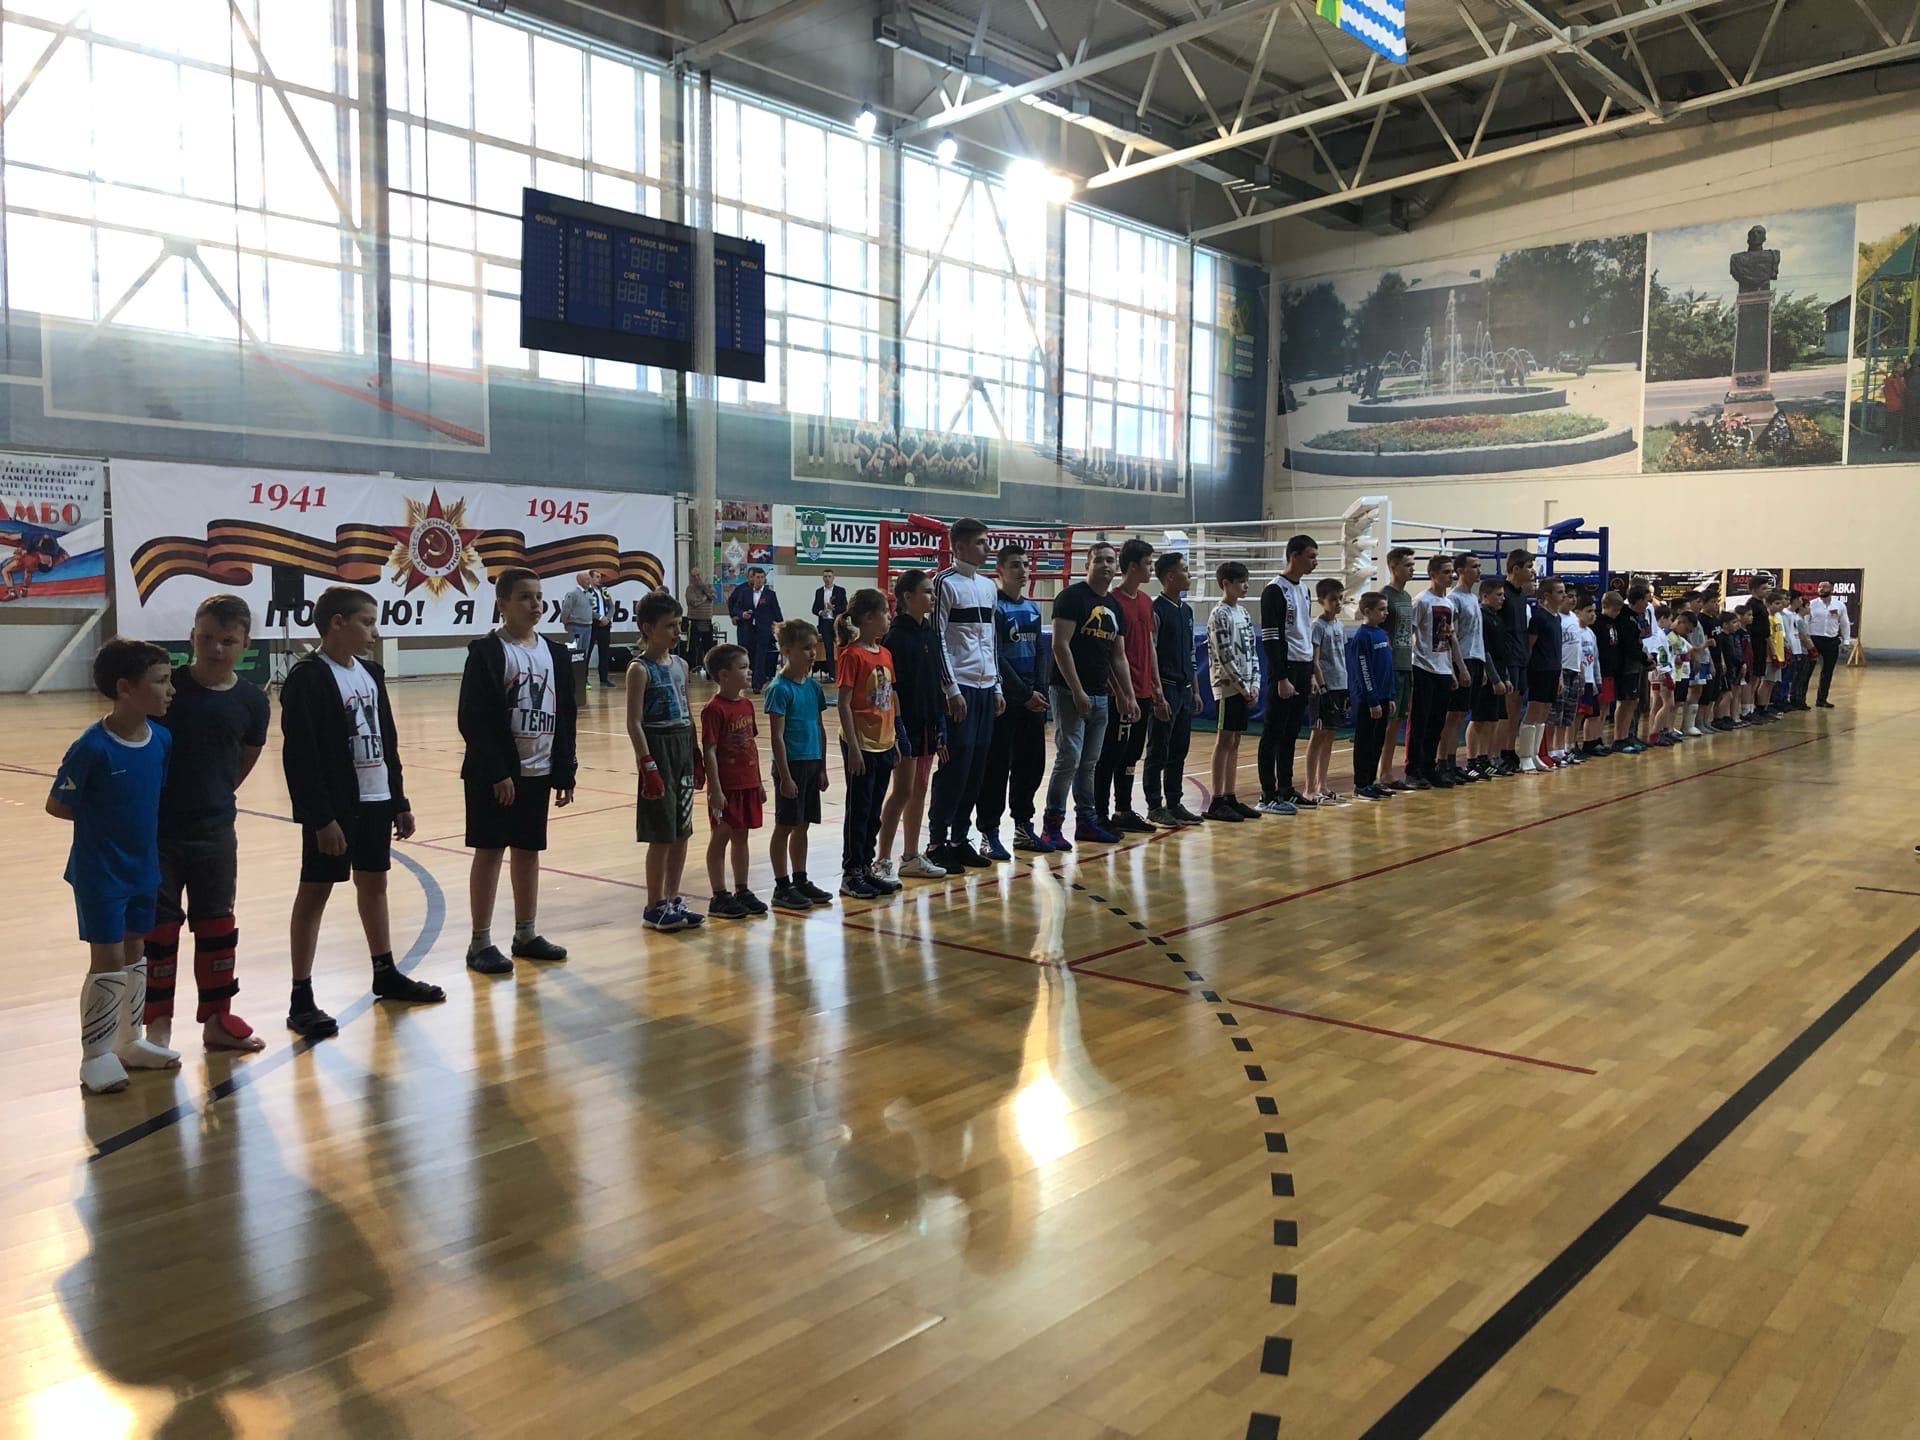 08 мая на базе МУ «СЦ им. А.Гринина» прошёл Открытый турнир по кикбоксингу, посвящённый Дню Победы.